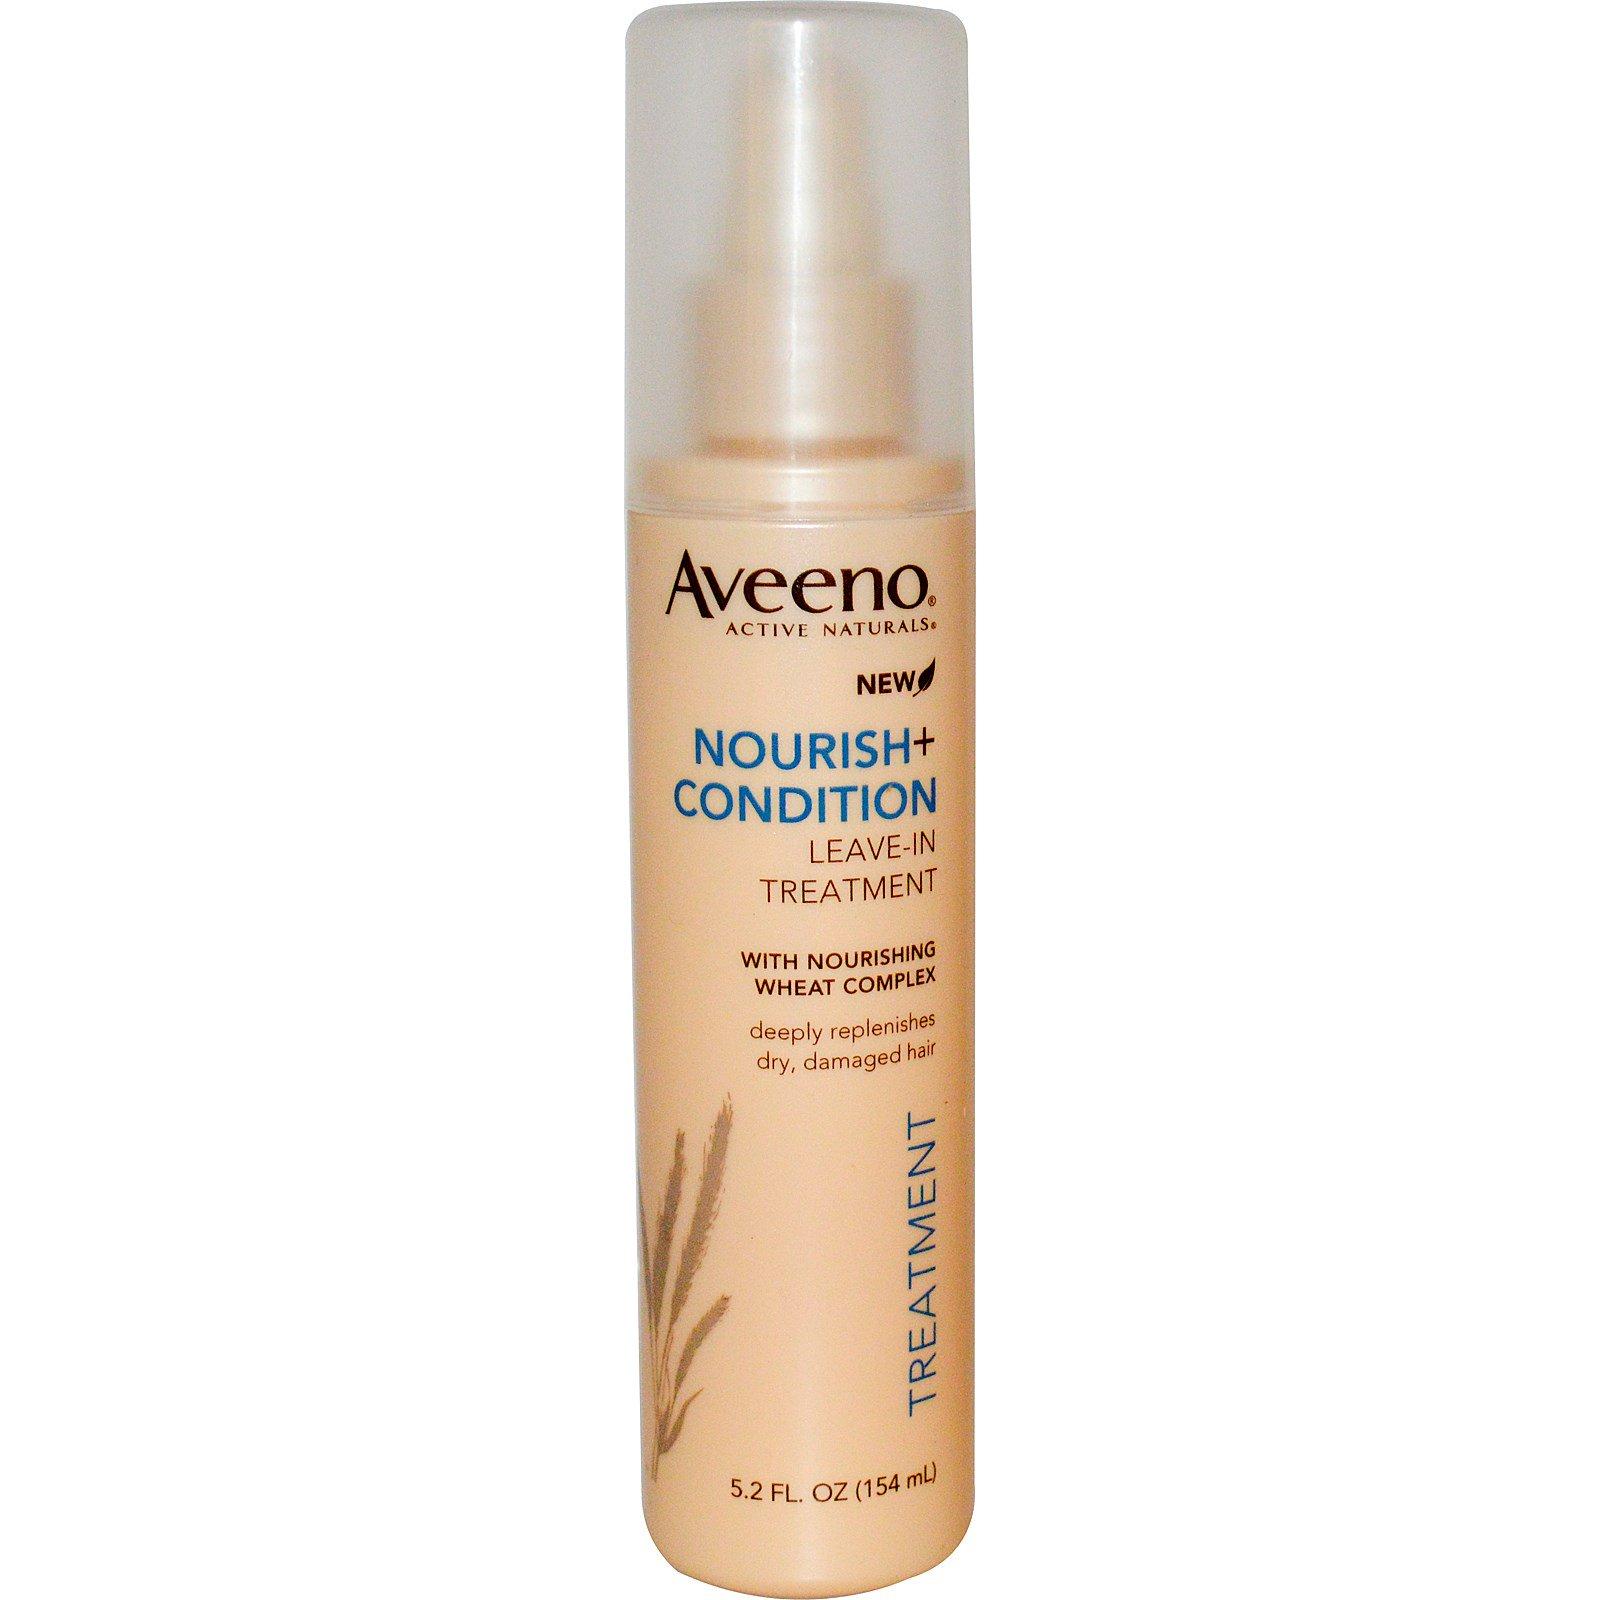 Aveeno, Active Naturals, Nourish + Condition, Leave-In Treatment, 5.2 fl oz (154 ml)